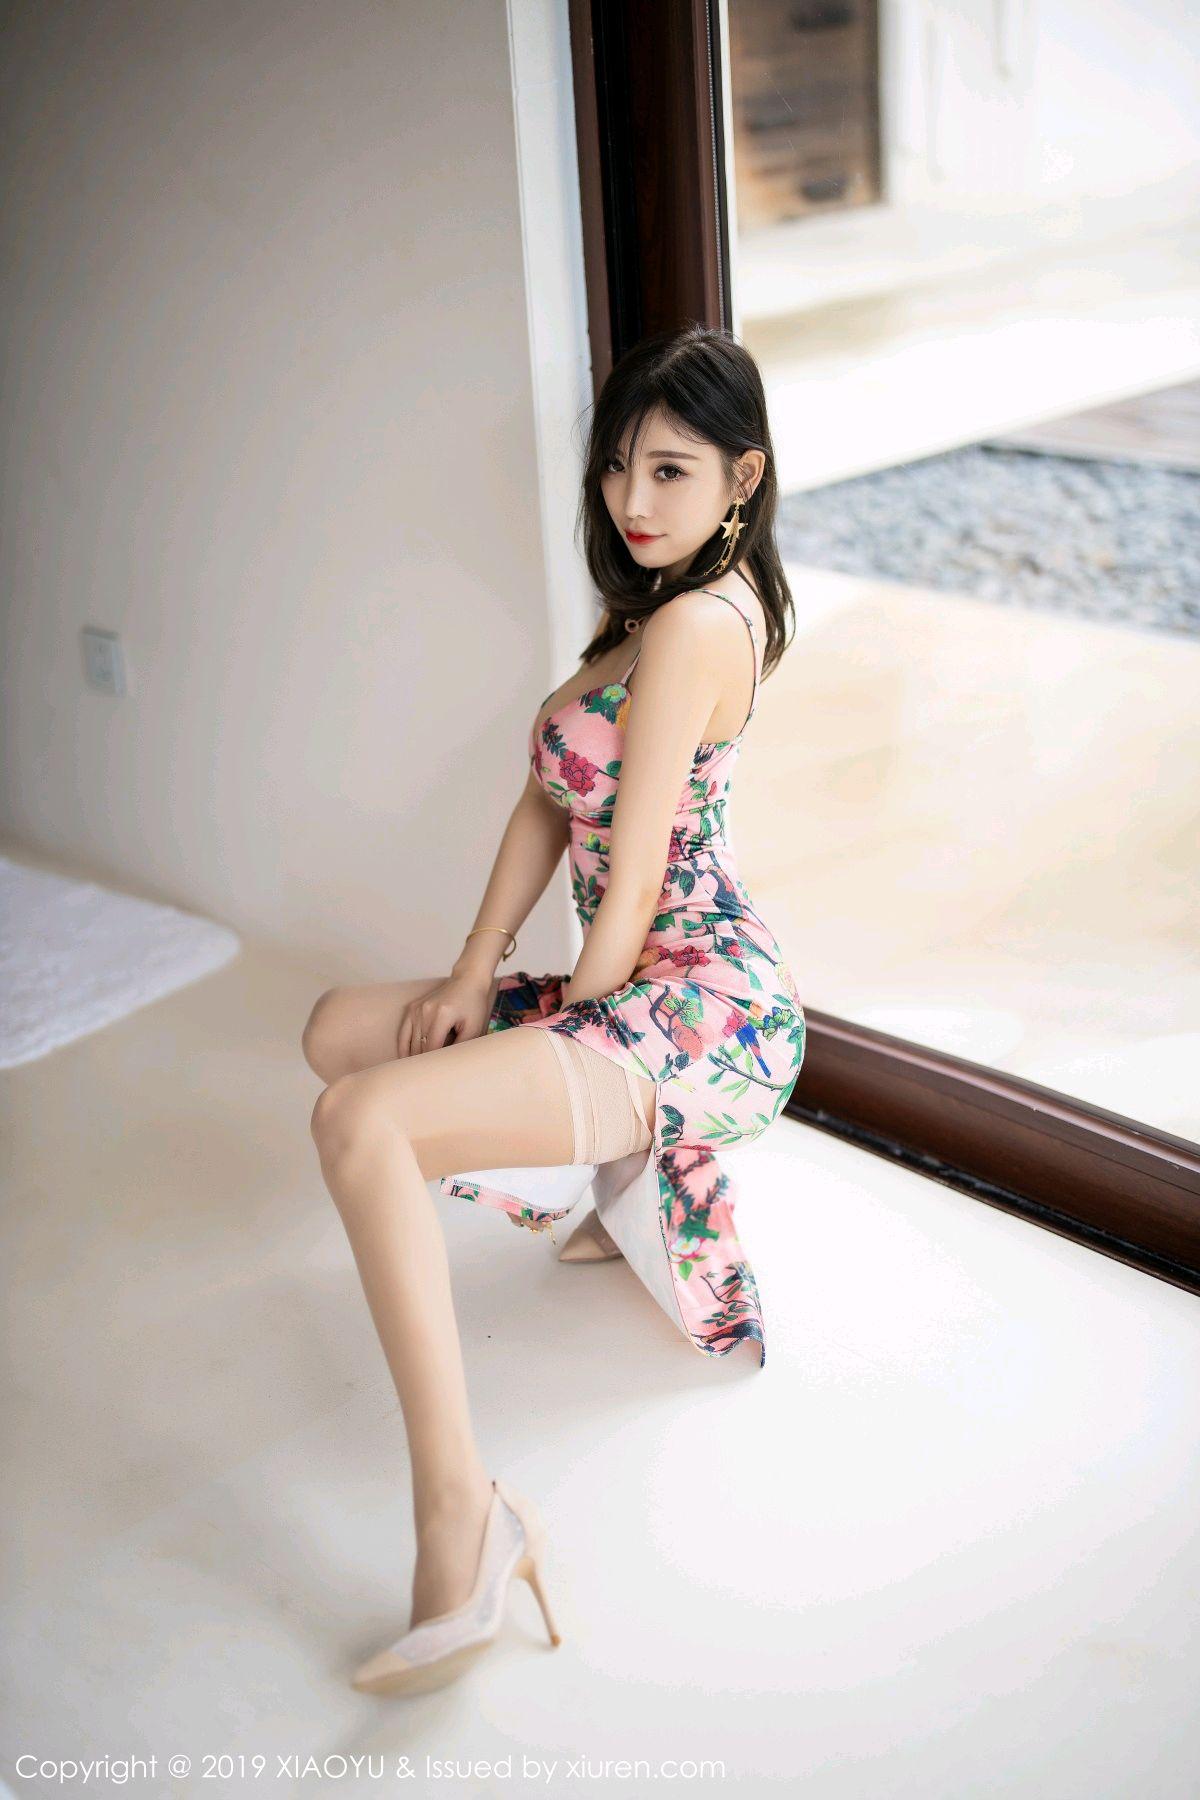 [XiaoYu] Vol.194 Yang Chen Chen 13P, Bikini, XiaoYu, Yang Chen Chen